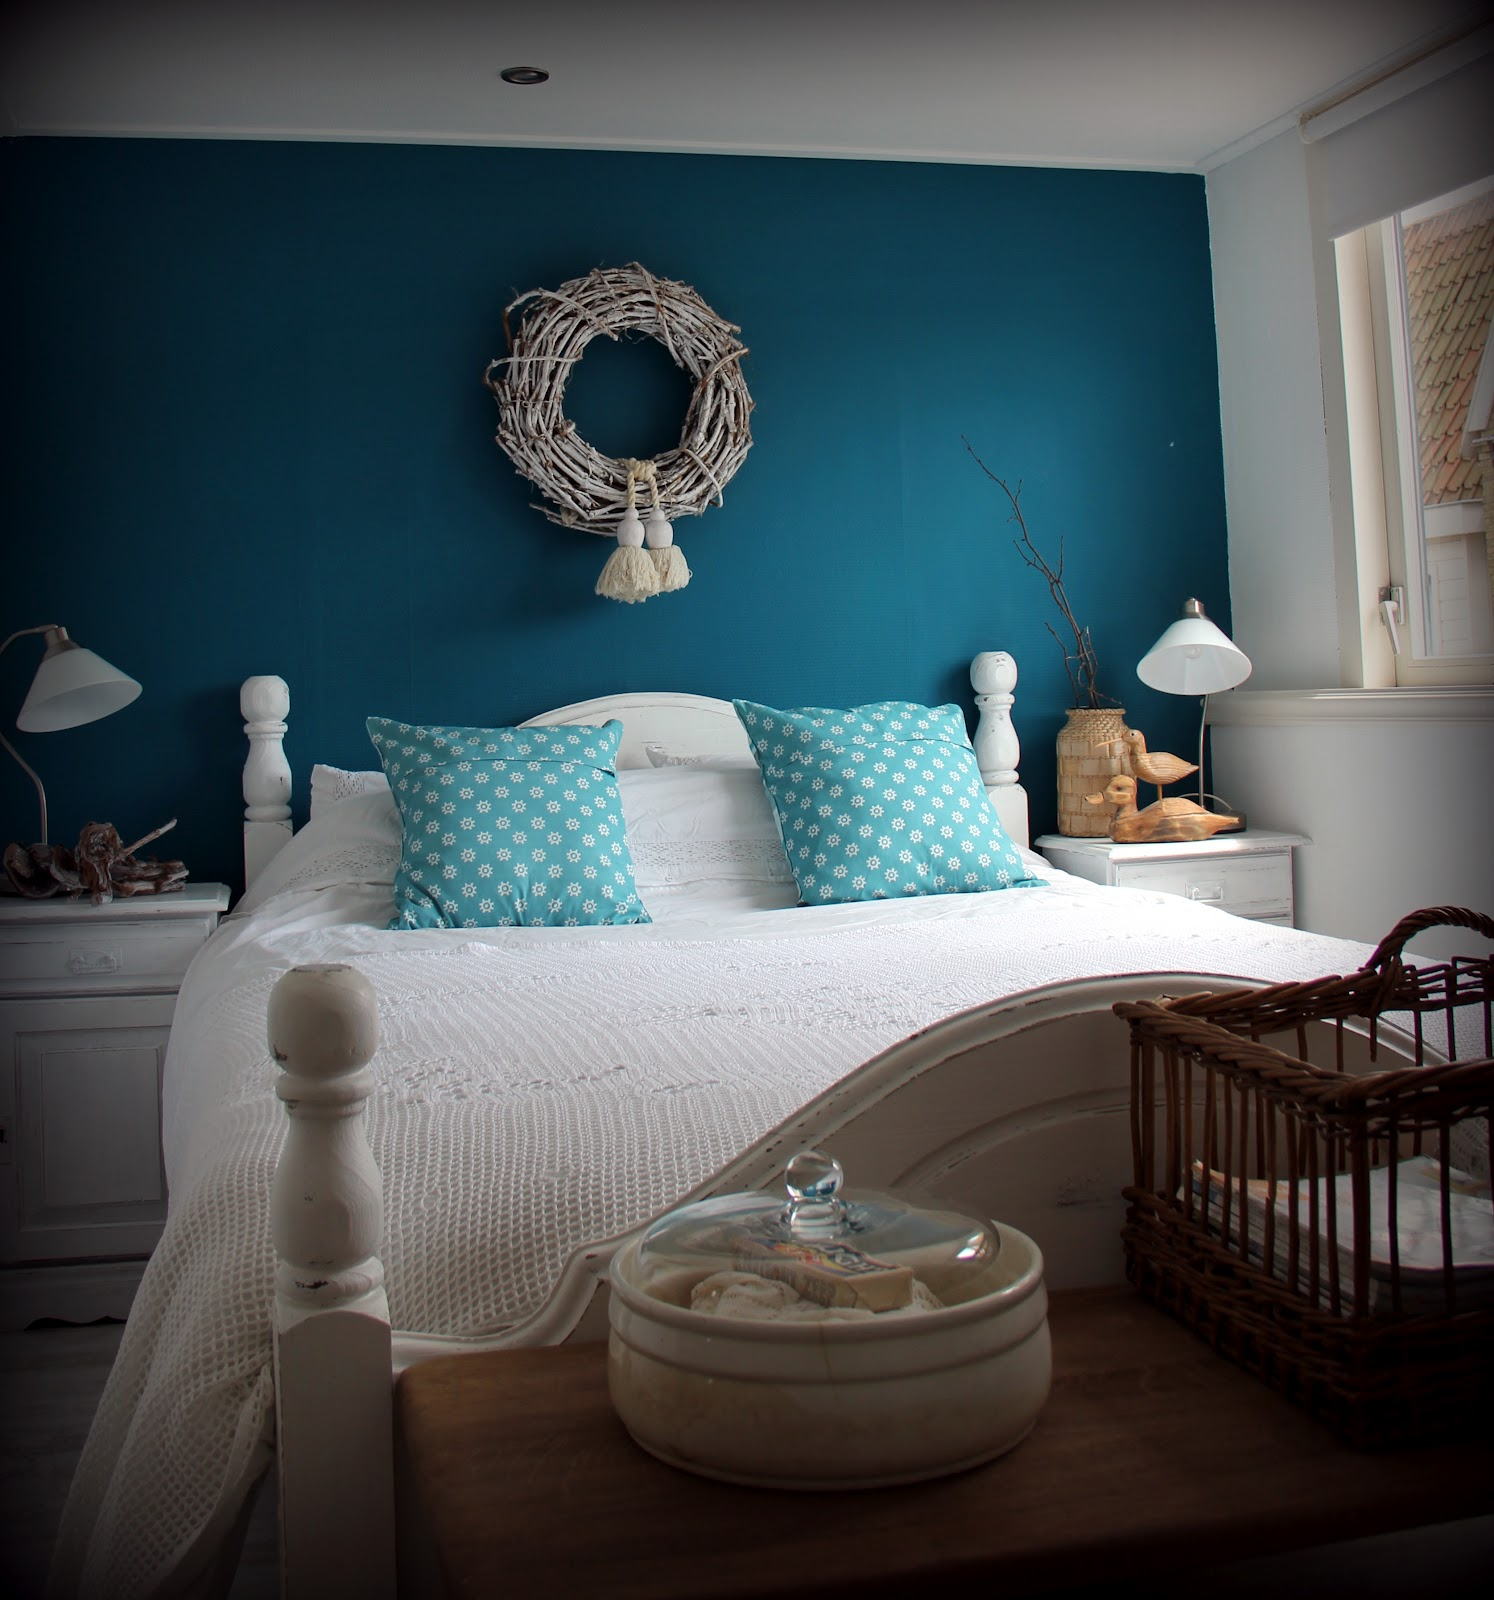 Gezellige-maar-rustgevende-slaapkamer.1370624005-van-mvdz.jpeg